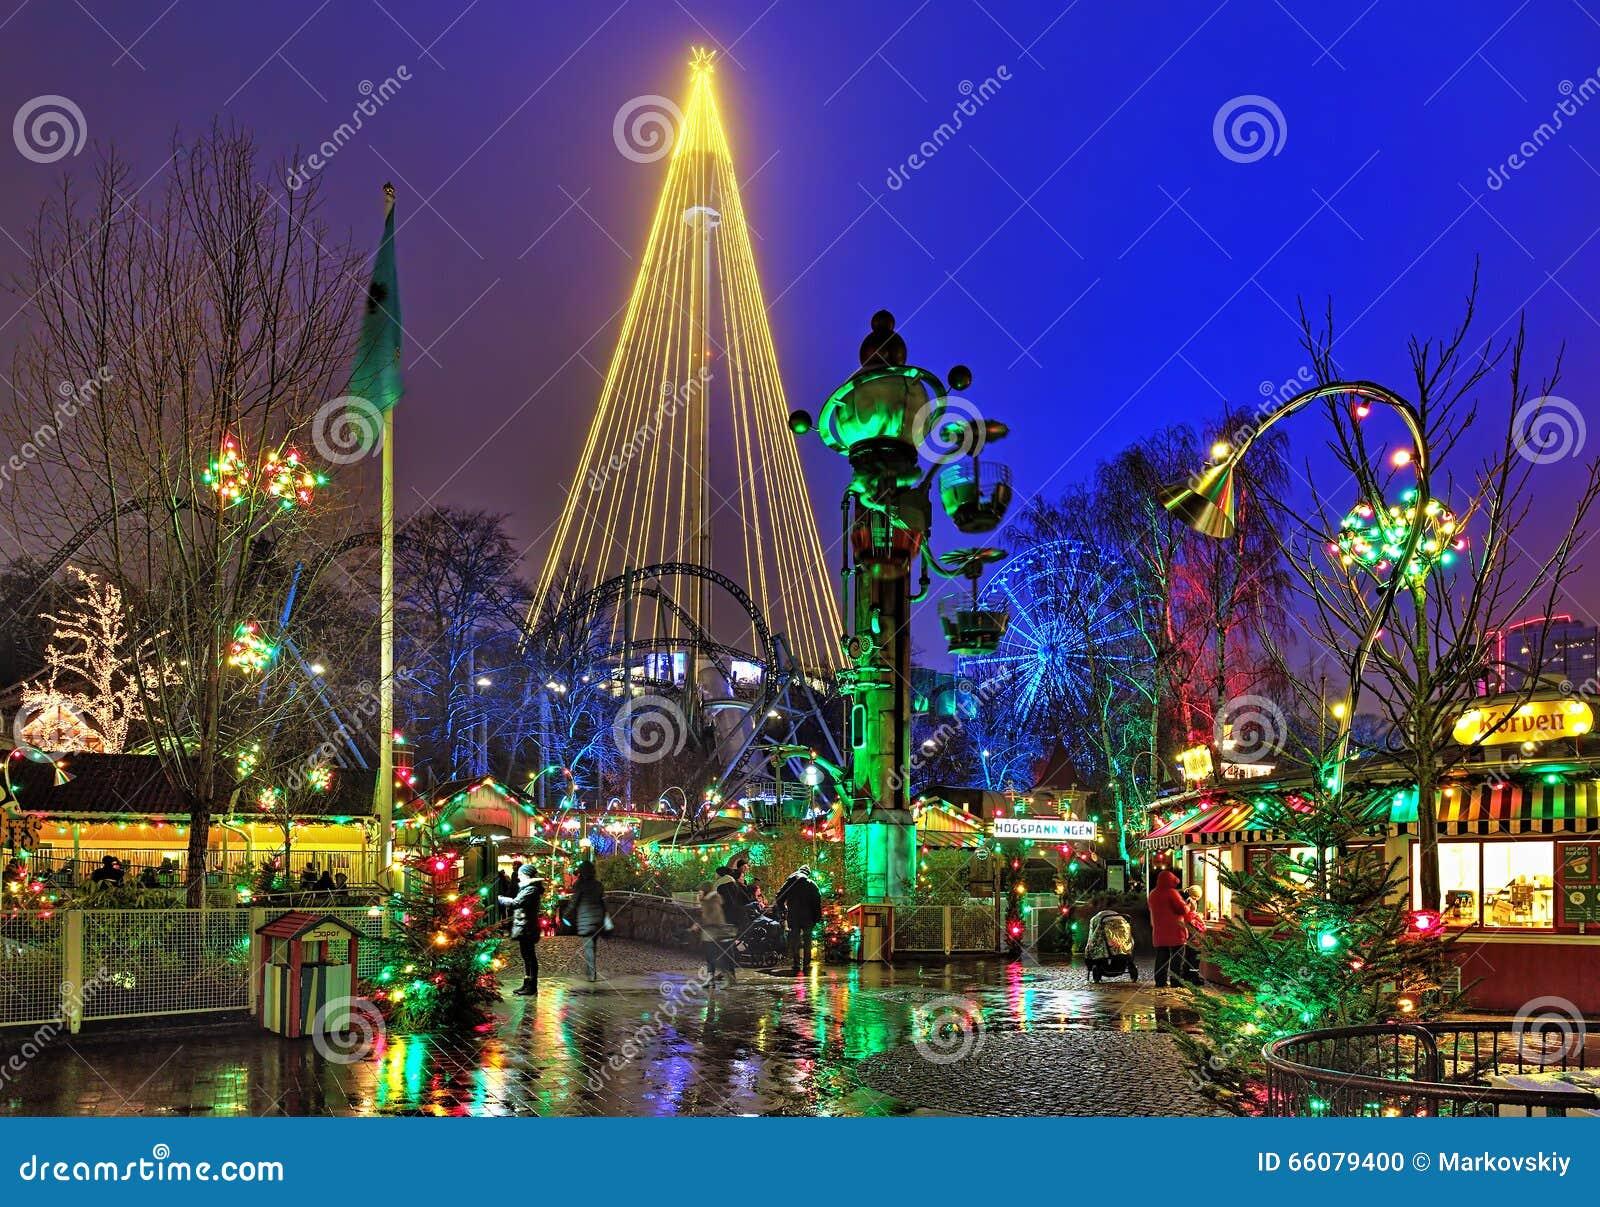 Parque de diversões de Liseberg com iluminação do Natal em Gothenburg, Suécia